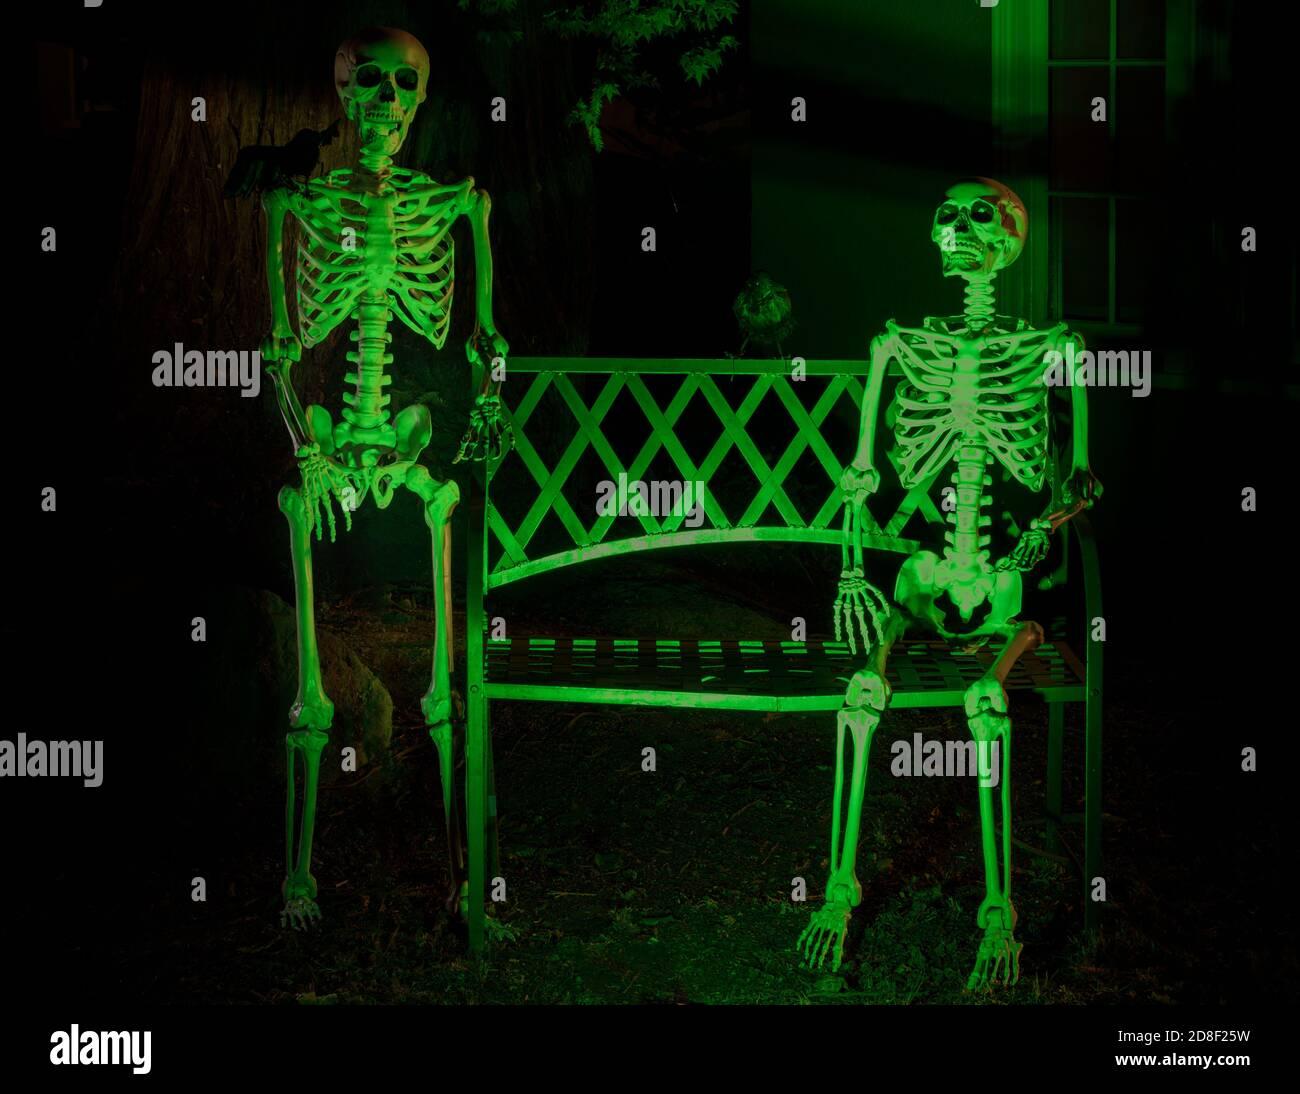 Squelettes et corneilles accrochés à l'extérieur d'une maison à Halloween fête Banque D'Images